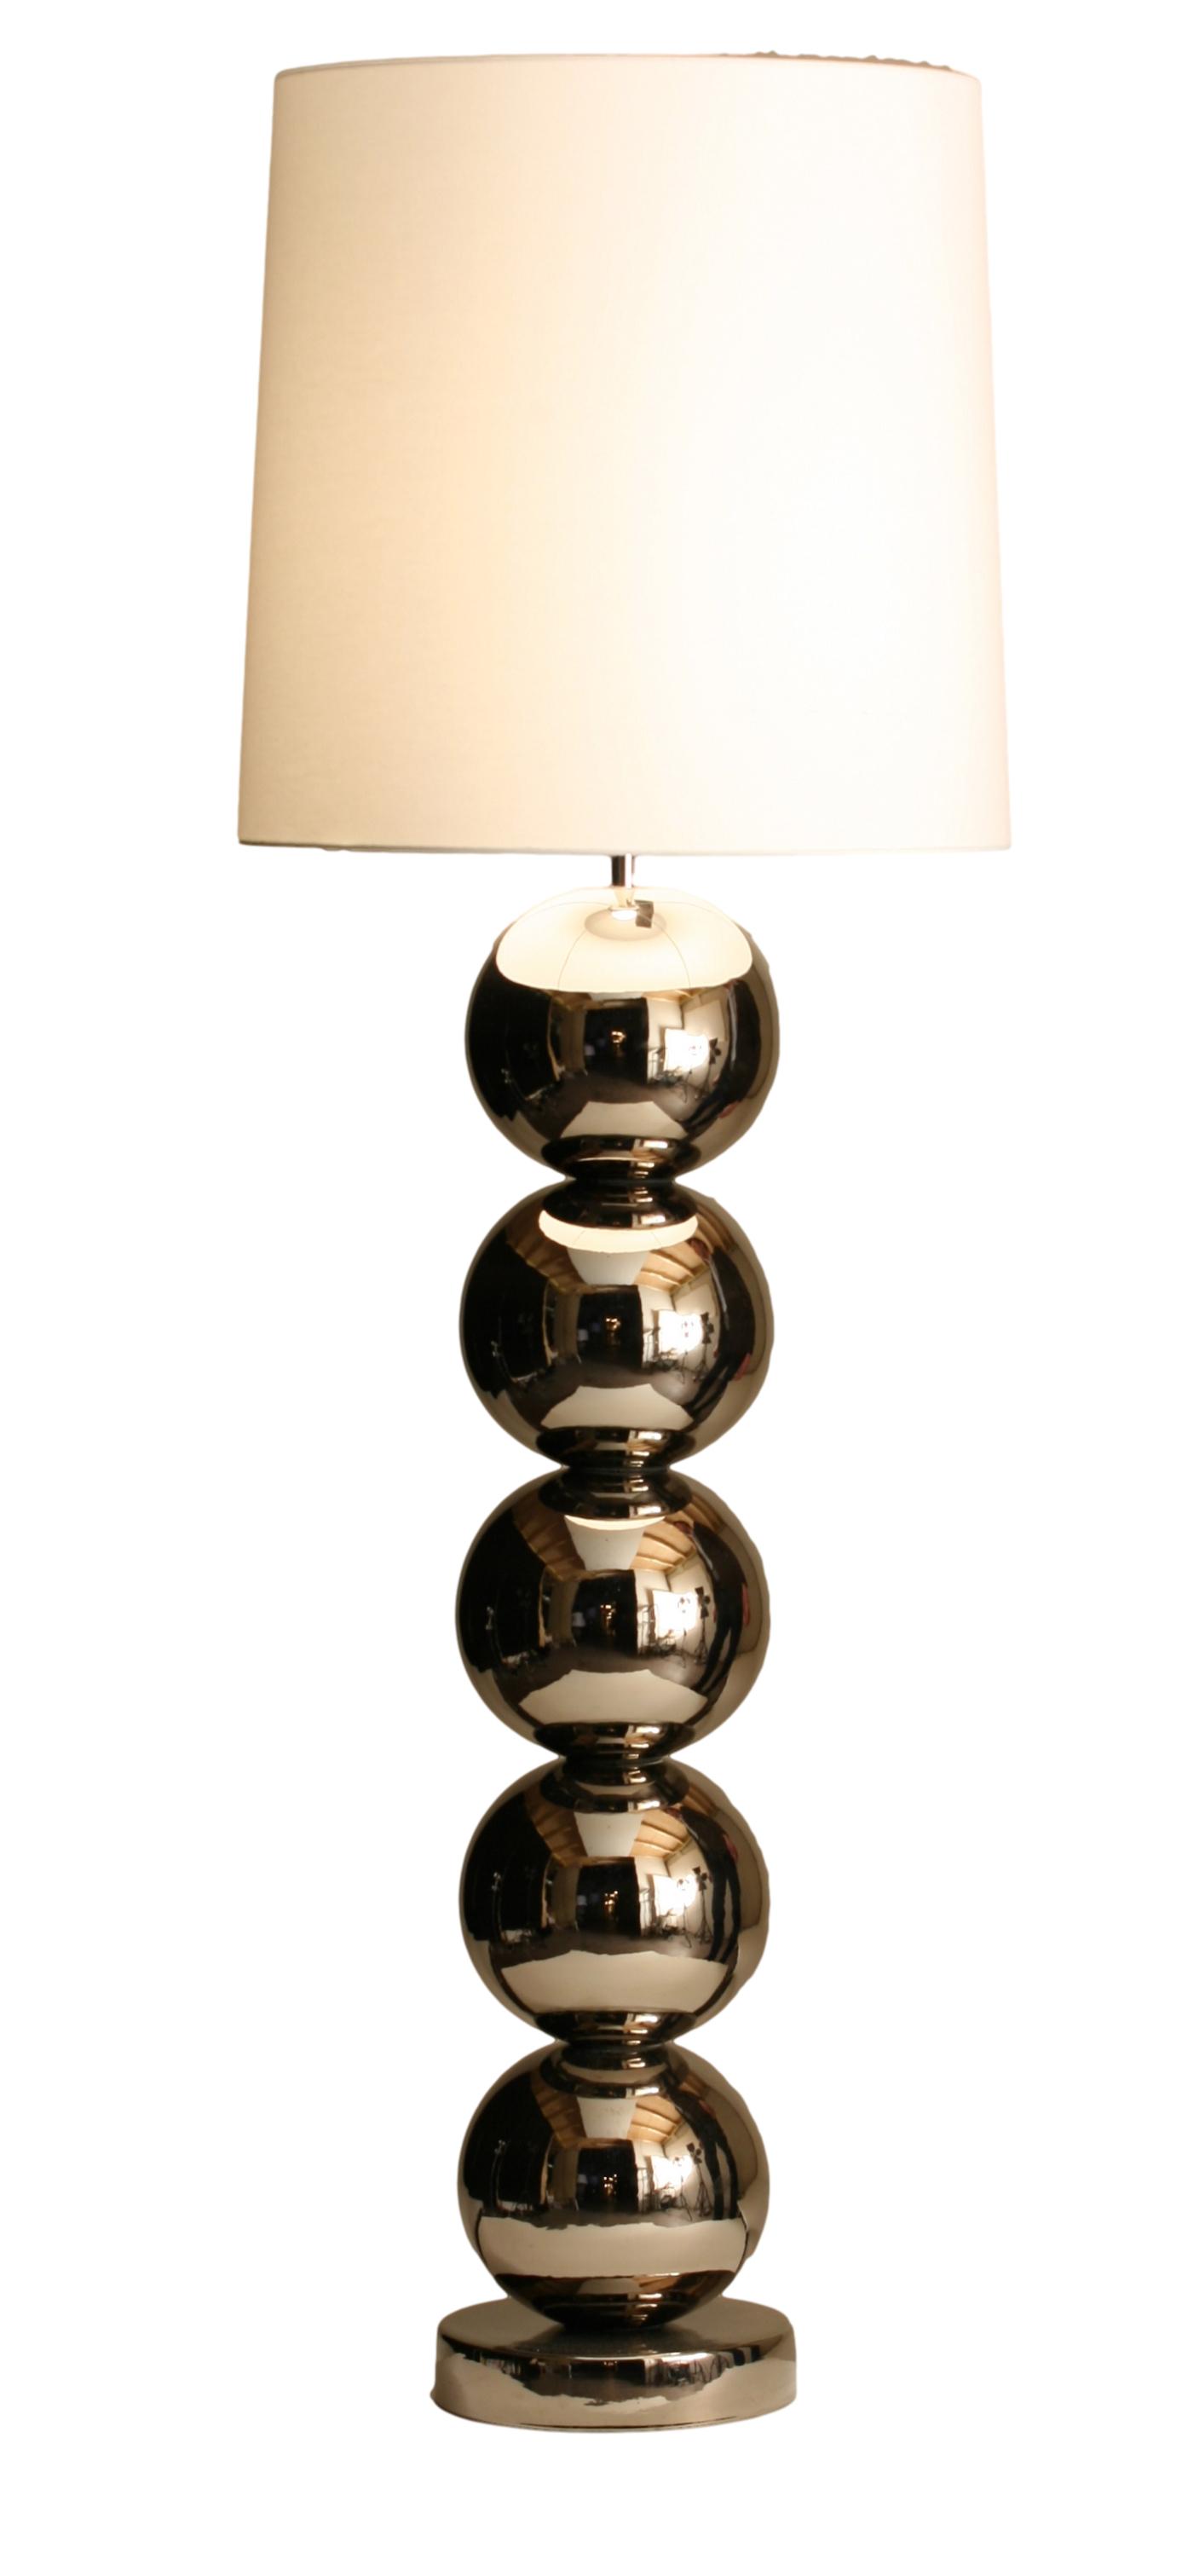 Stout Verlichting Collectie Sfeerfoto Bollen vloerlamp Milano bol Ø 25cm